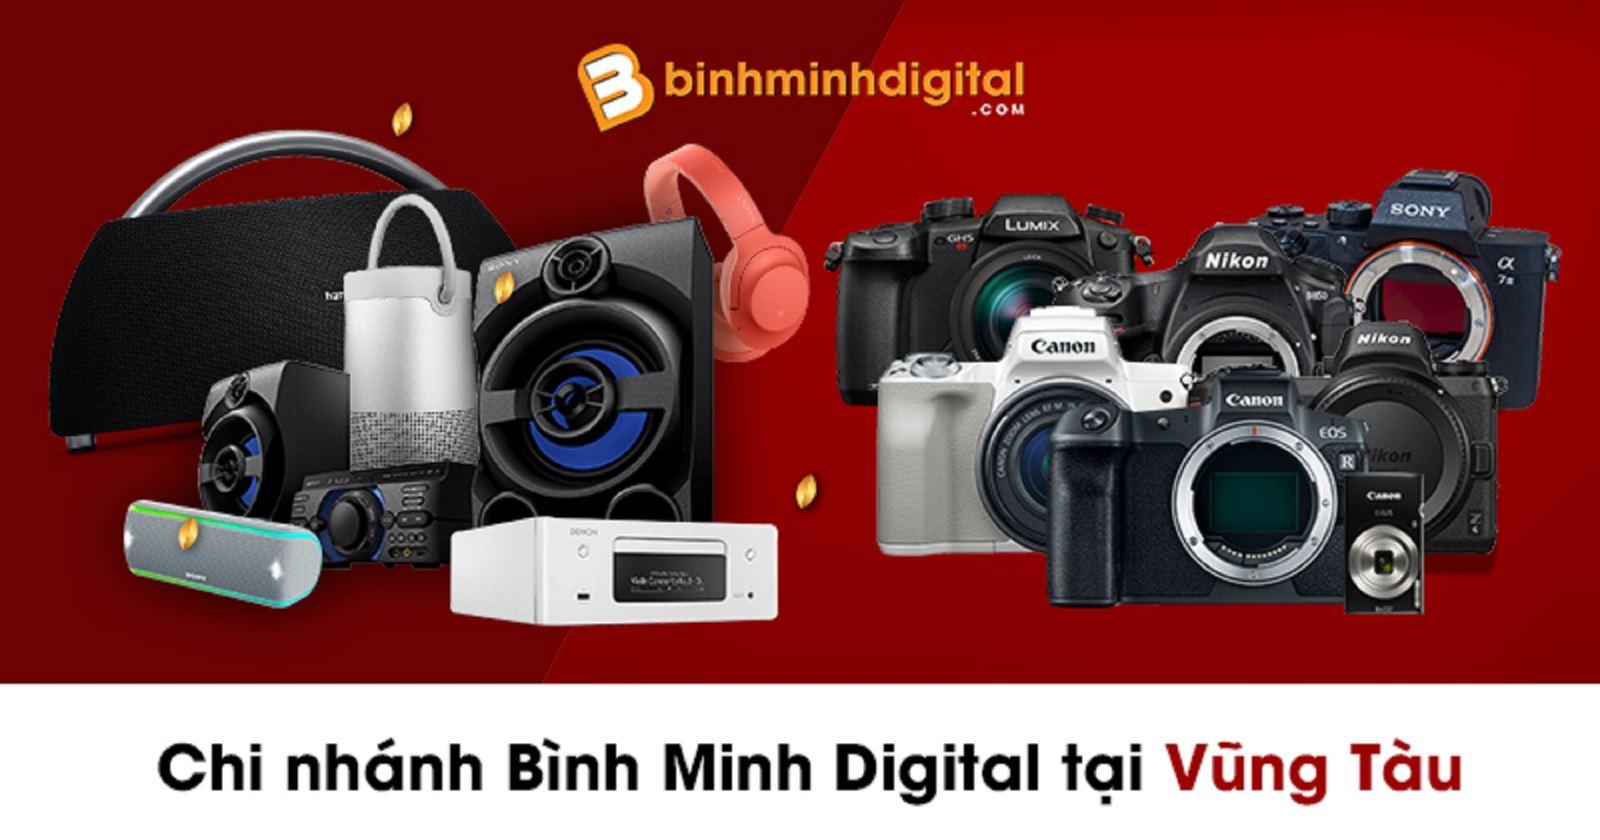 Chi nhánh Bình Minh Digital tại Vũng Tàu